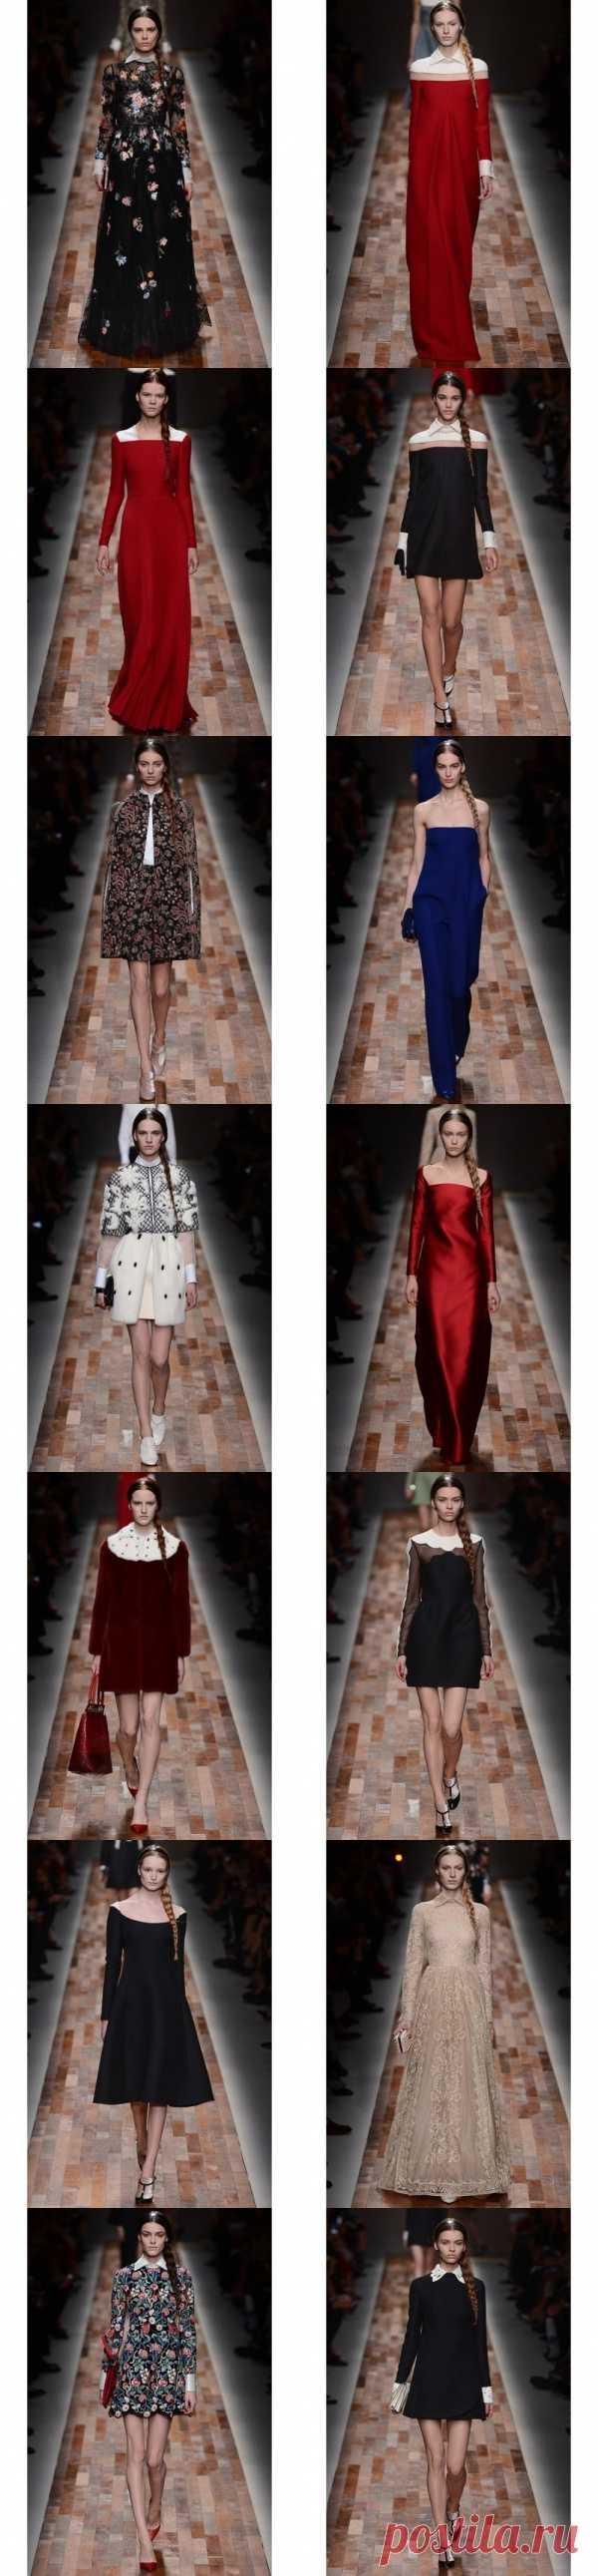 La semana de la moda en París: Valentino el otoño-invierno 2013-2014